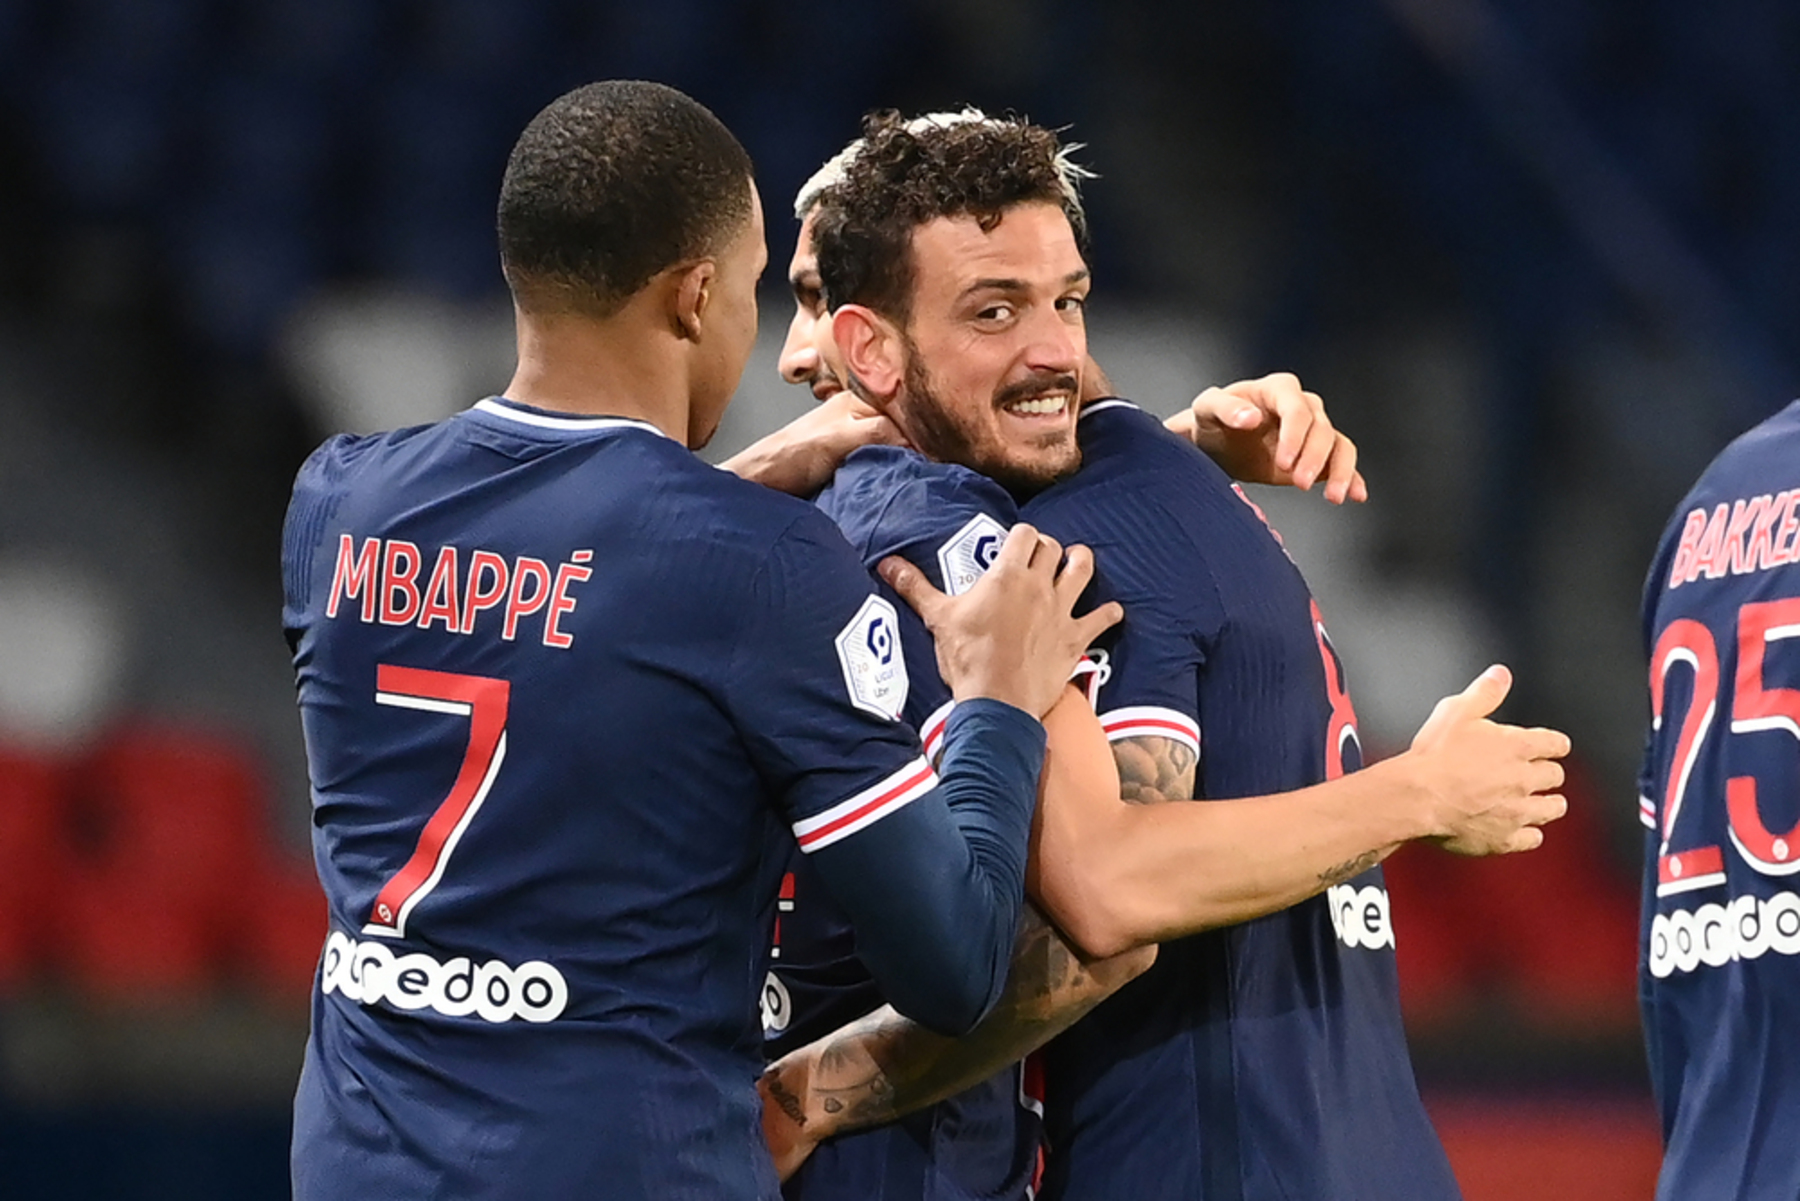 ปารีสวางแผนที่จะเซ็นสัญญากับ Florenzi จาก AS Roma ในข้อตกลงการย้ายทีมแบบถาวร